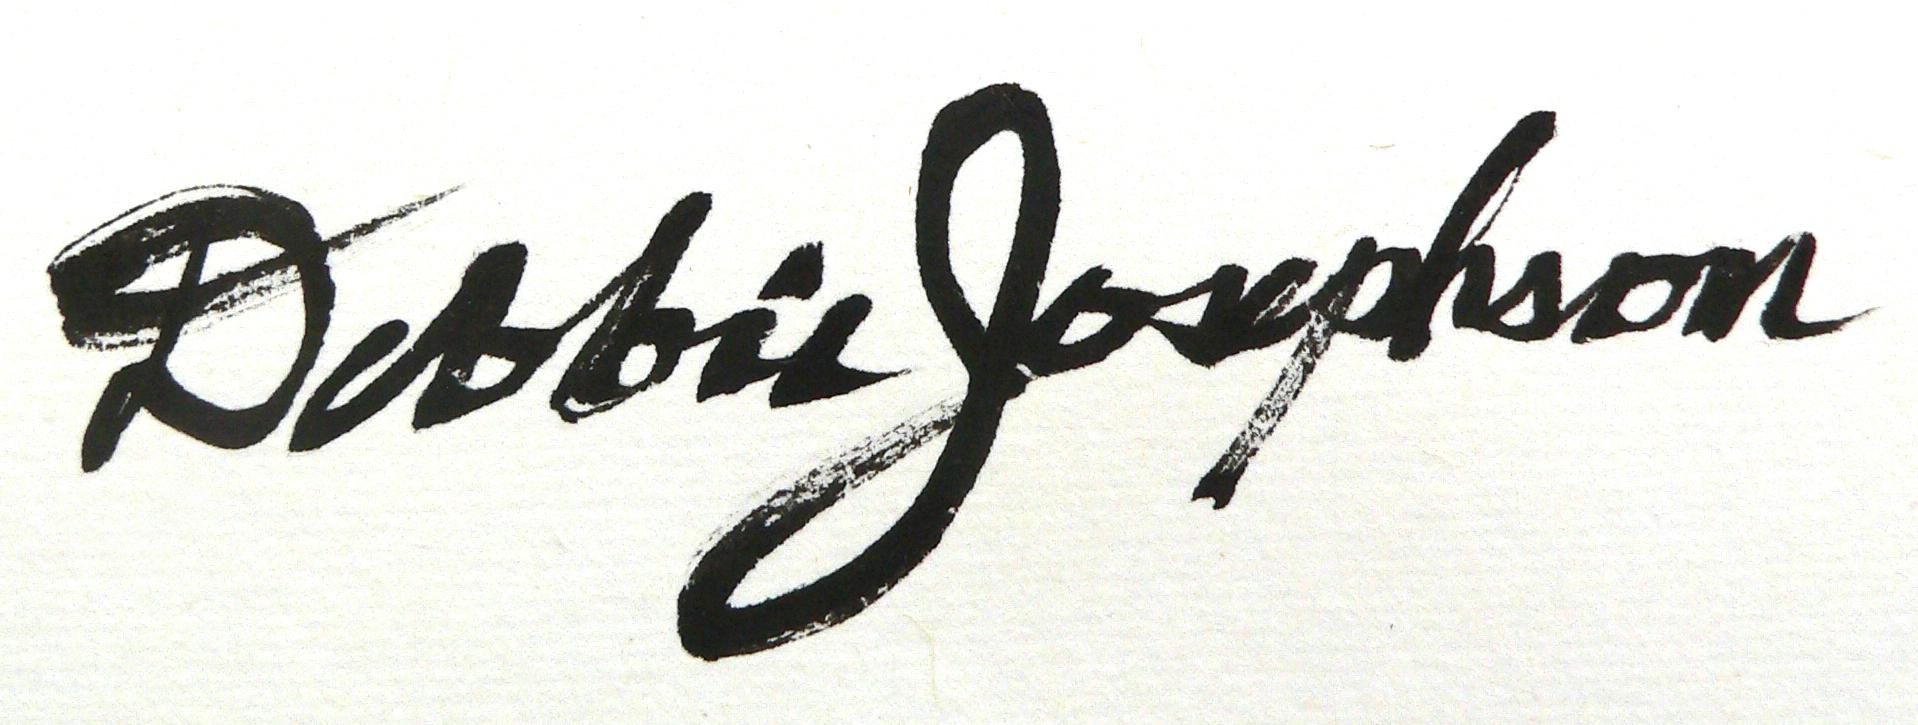 Debbie Josephson Signature